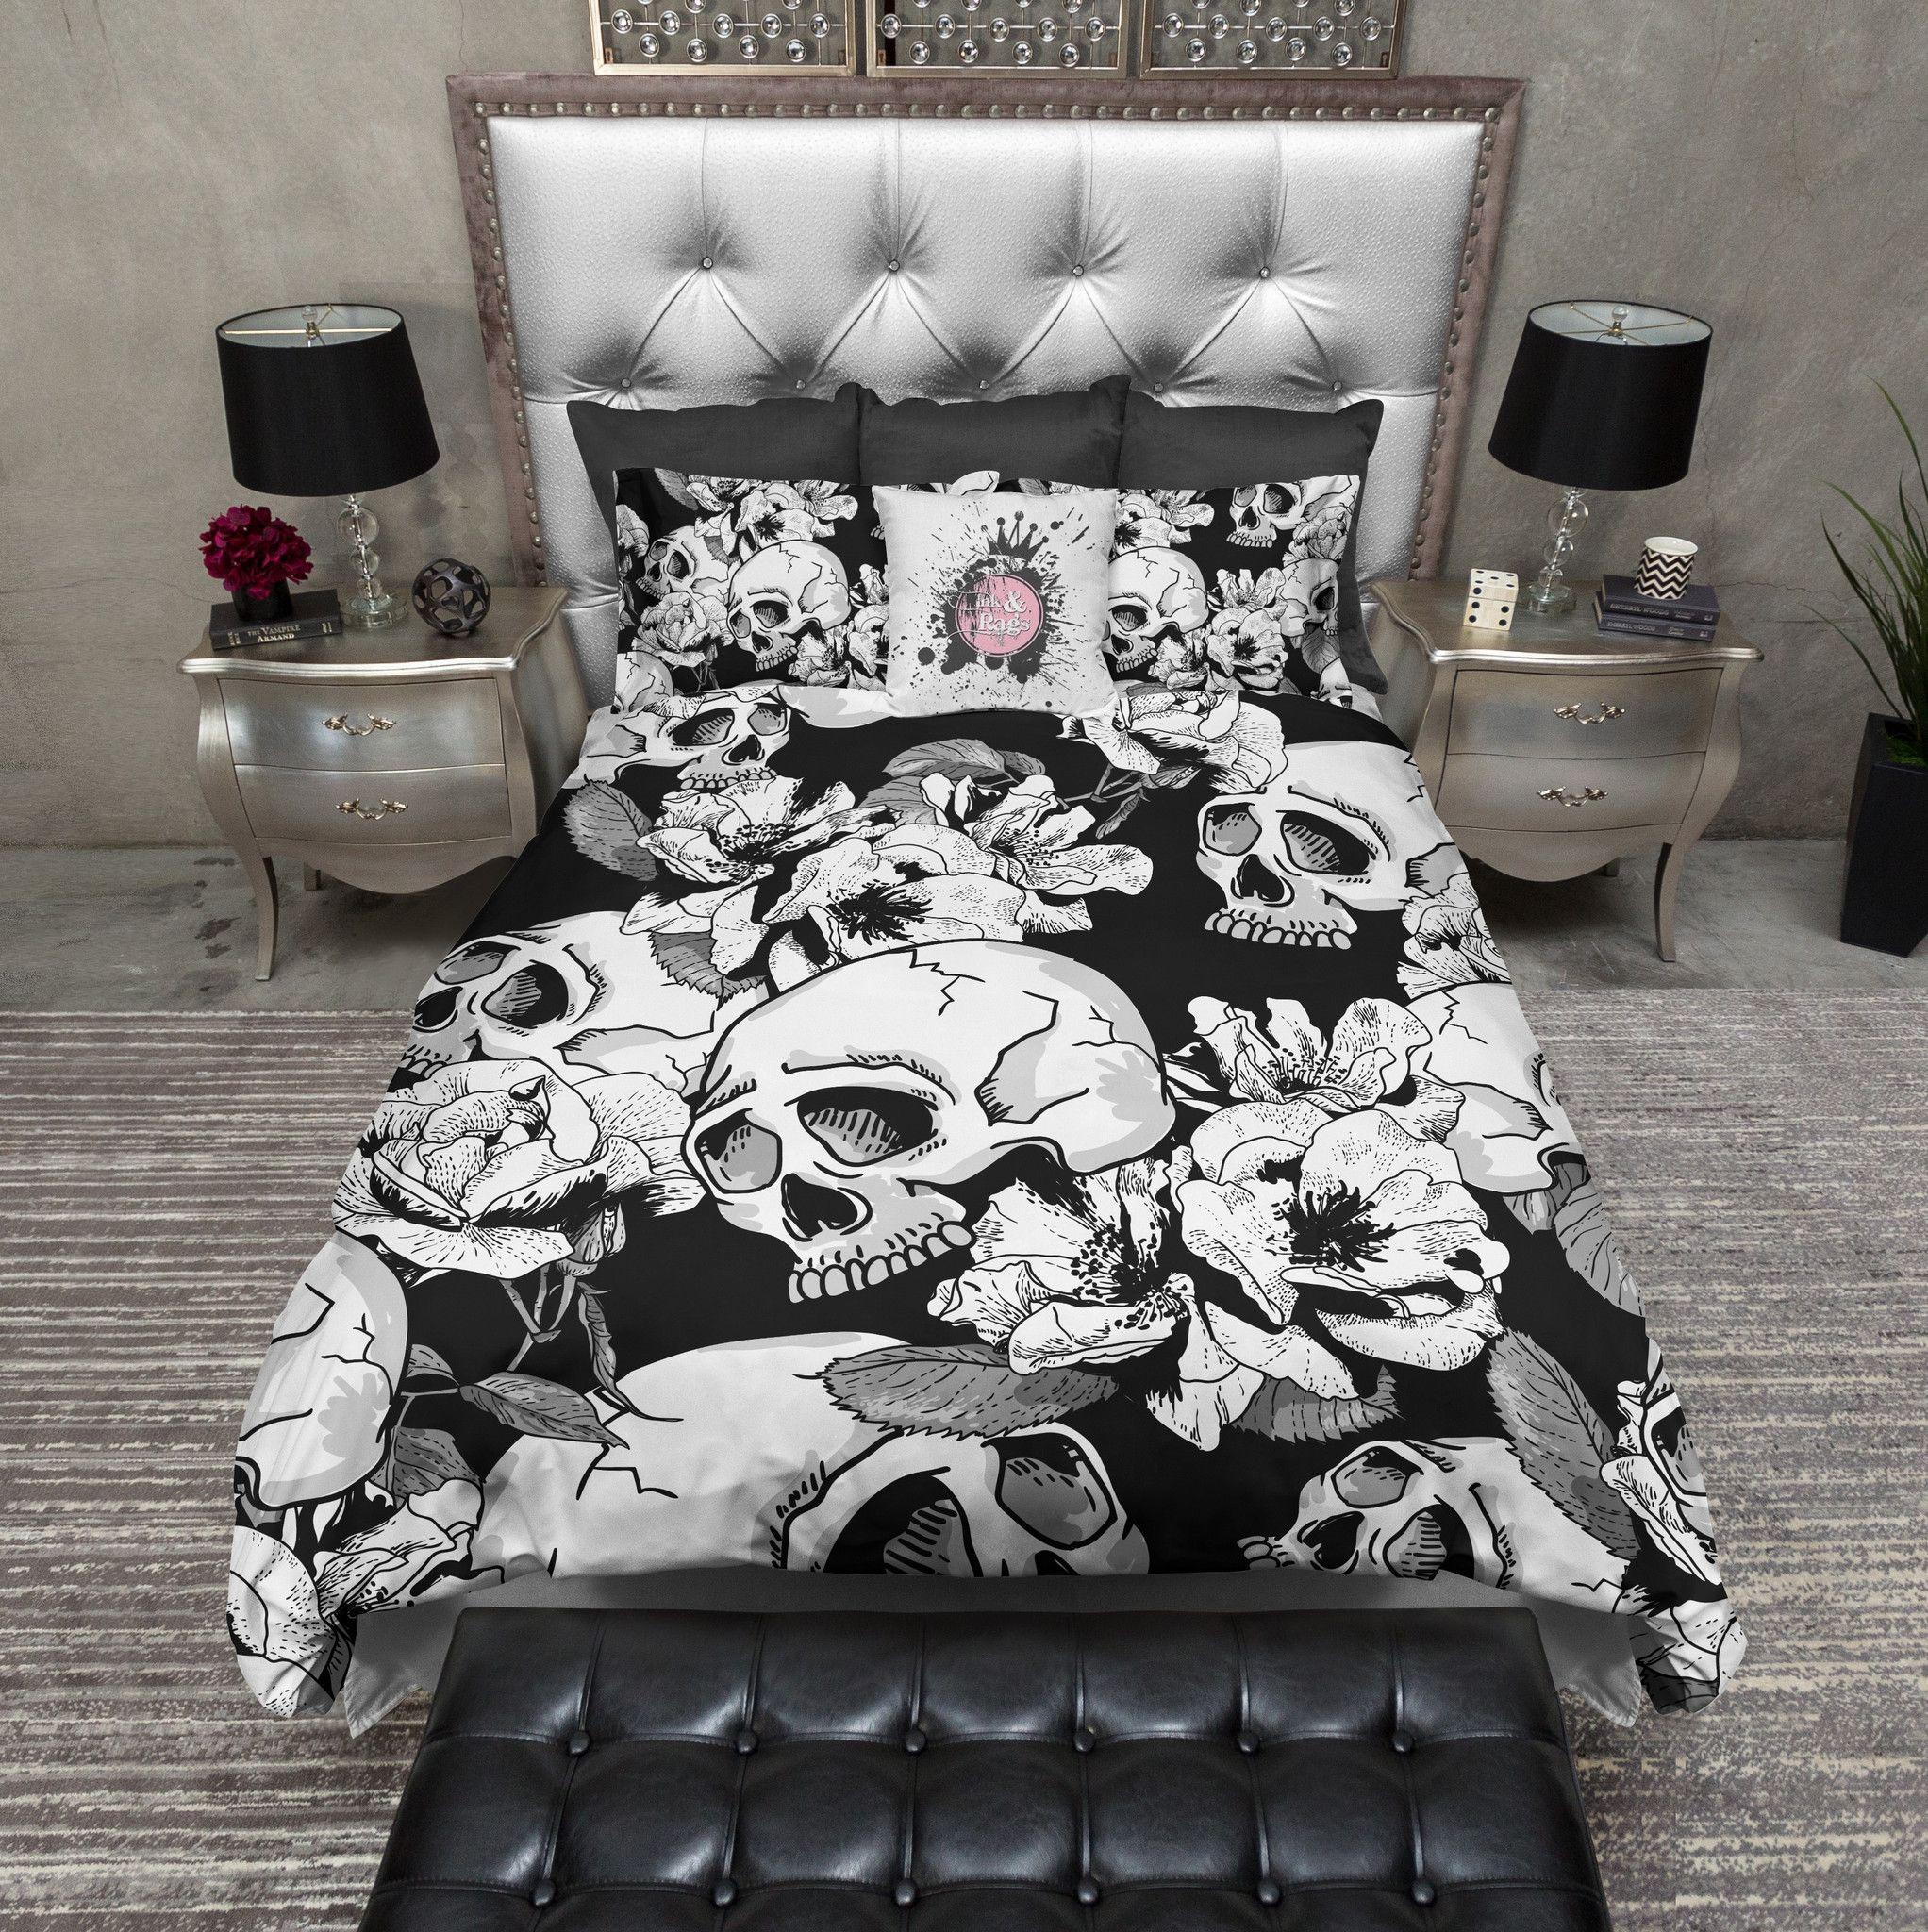 Black and White Flower Skull Bedding Duvet bedding sets